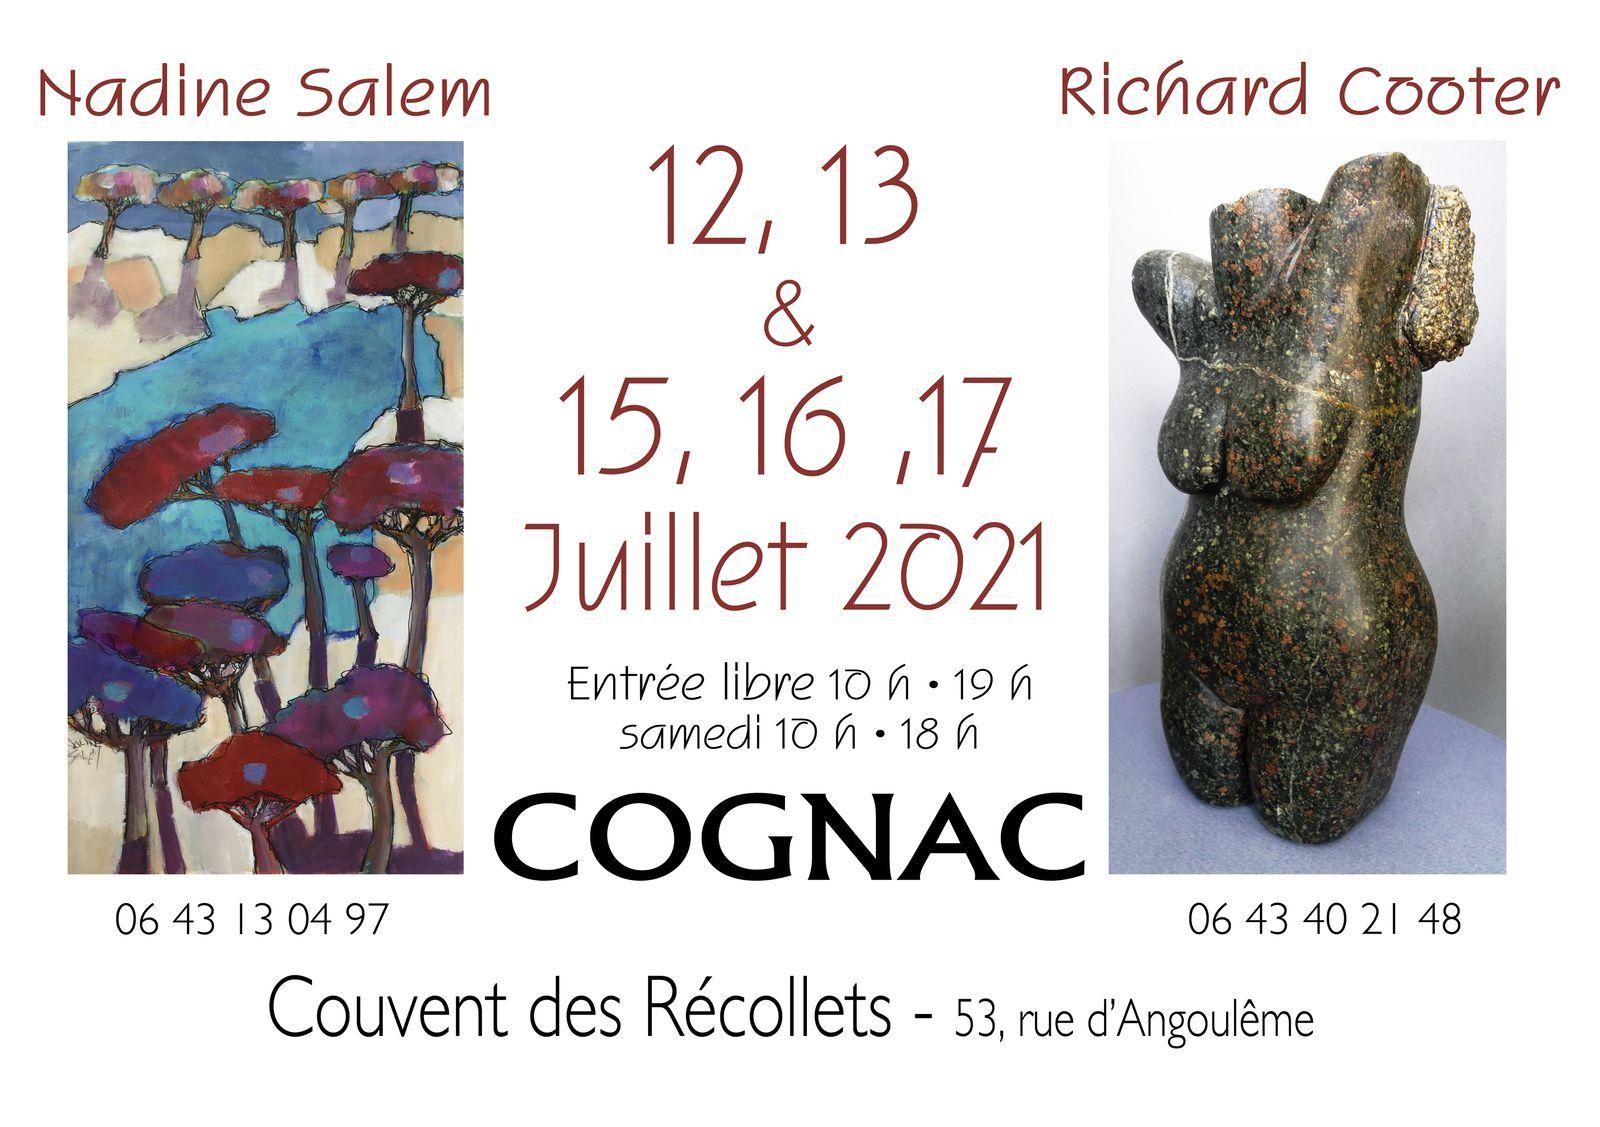 Images et sculptures récentes! Ouvert aussi le 14 juillet!